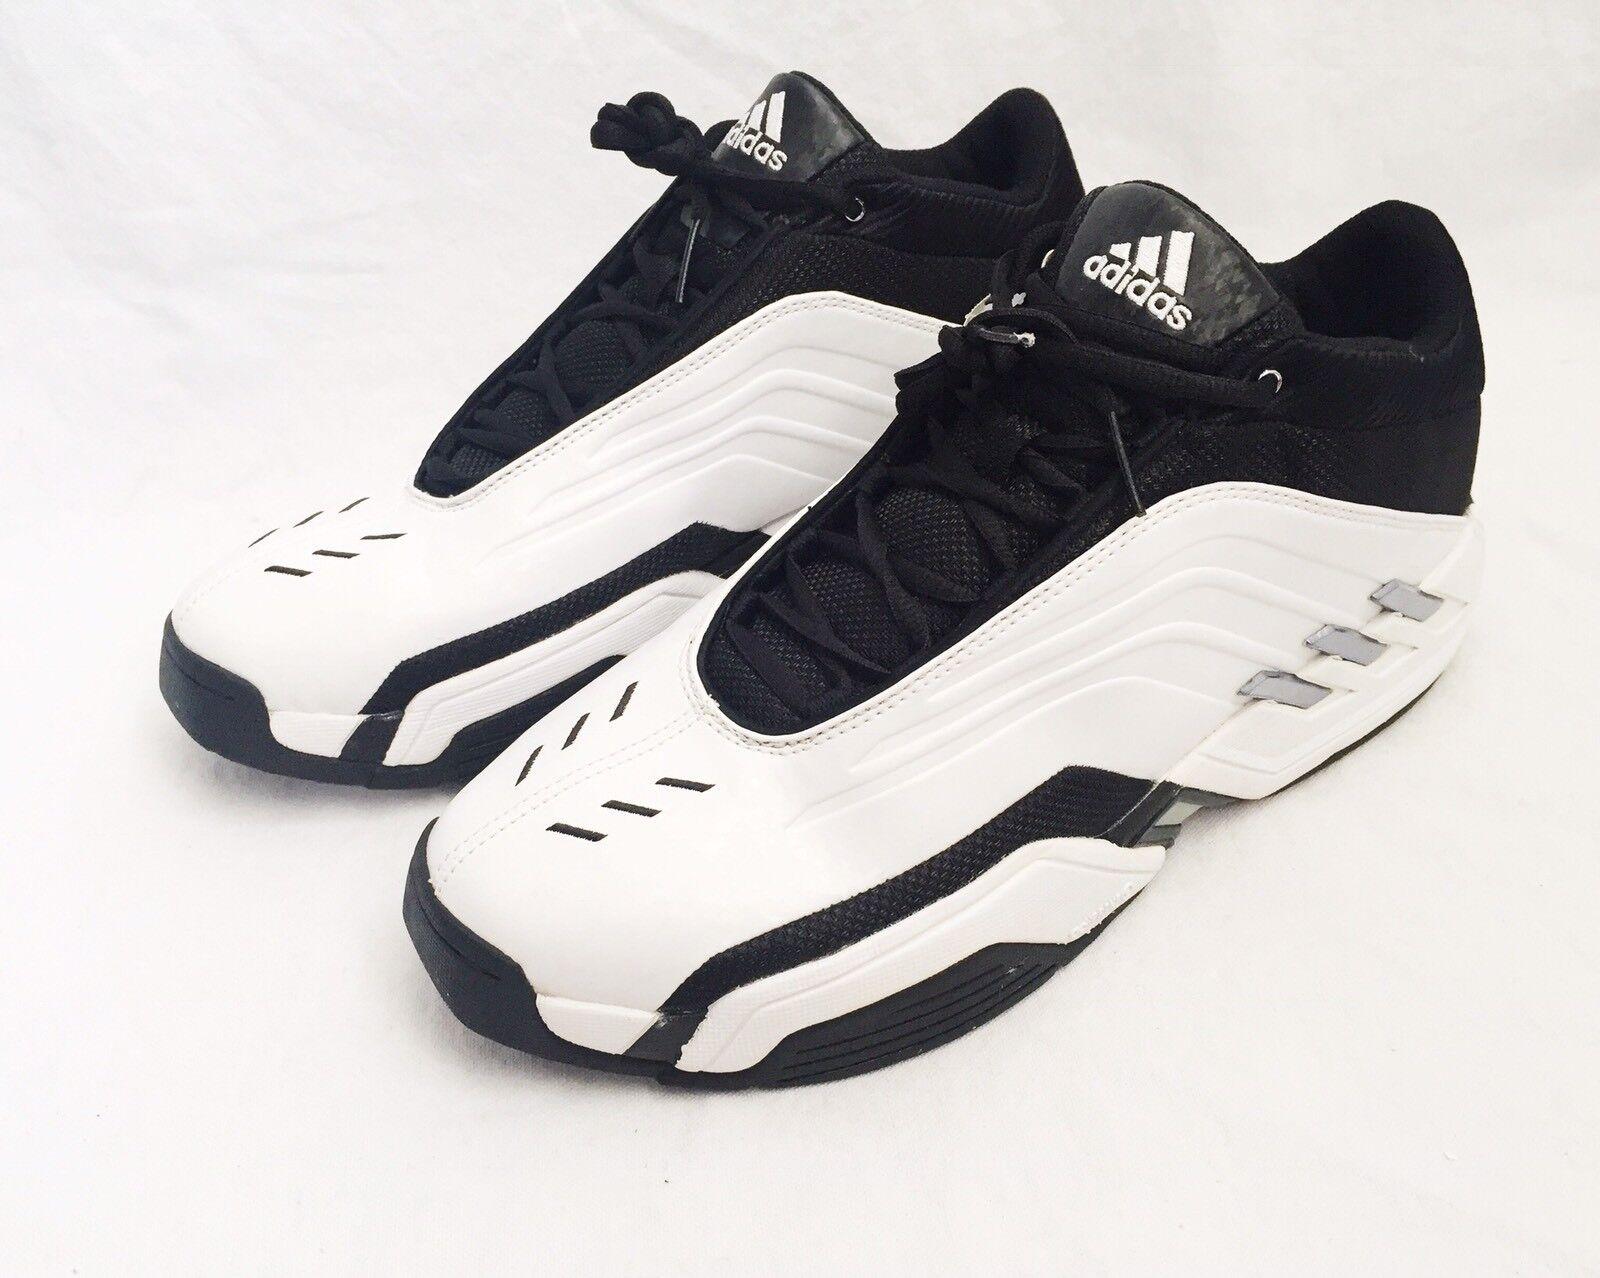 Vintage - adidas adidas adidas wütend mit basketball - schuhe - mens größe 12 deadstock für 2002 0b7de6